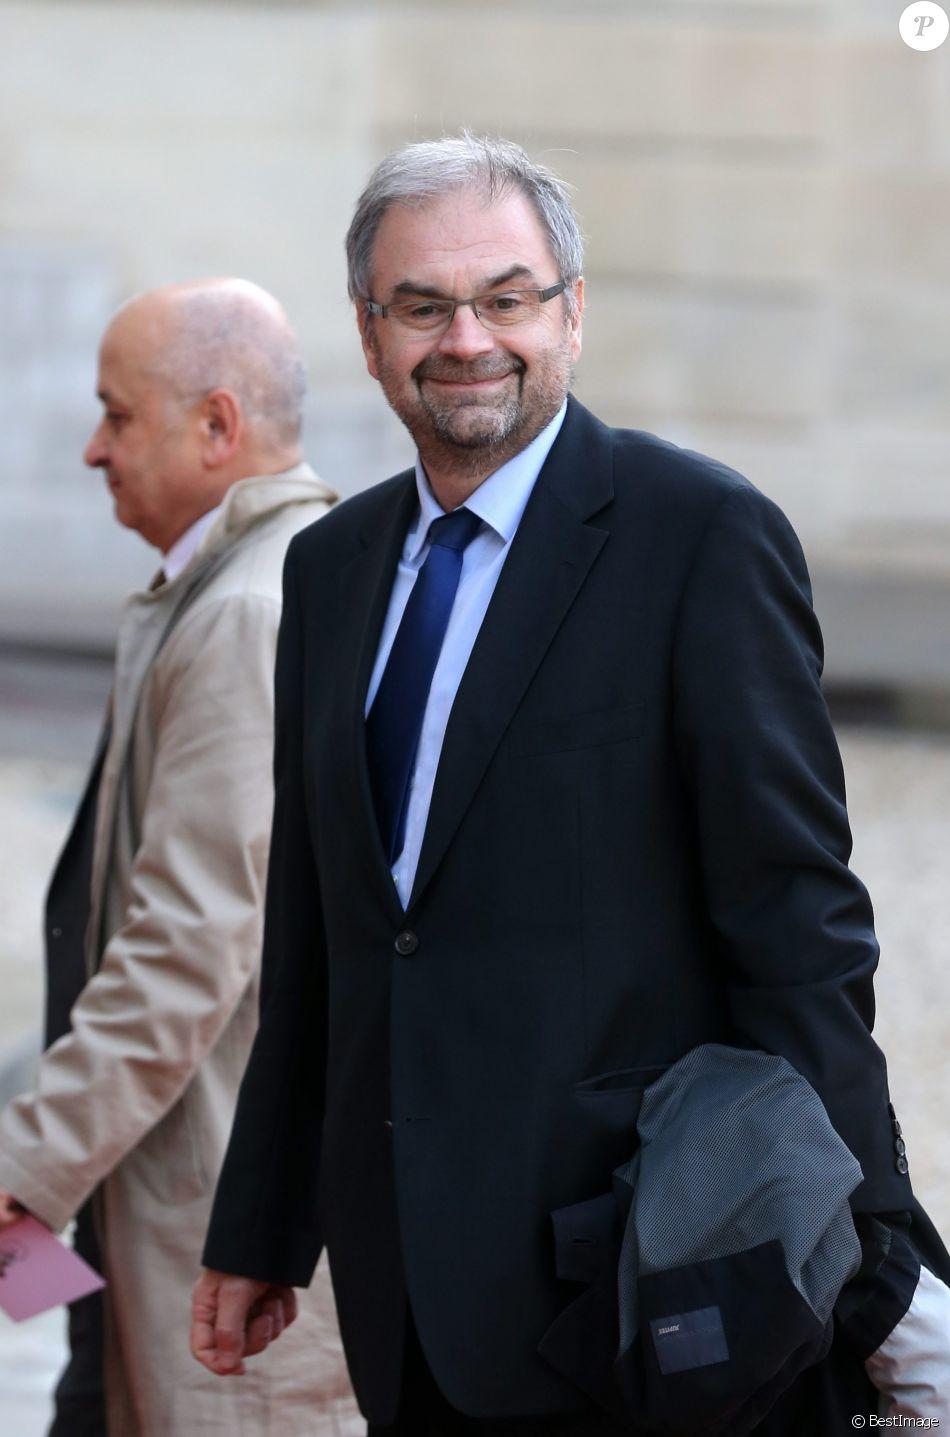 François Chérèque - Dîner d'Etat au Palais de l'Elysée en l'honneur du président Tunisien Béji Caïd Essebsi à Paris le 7 avril 2015.